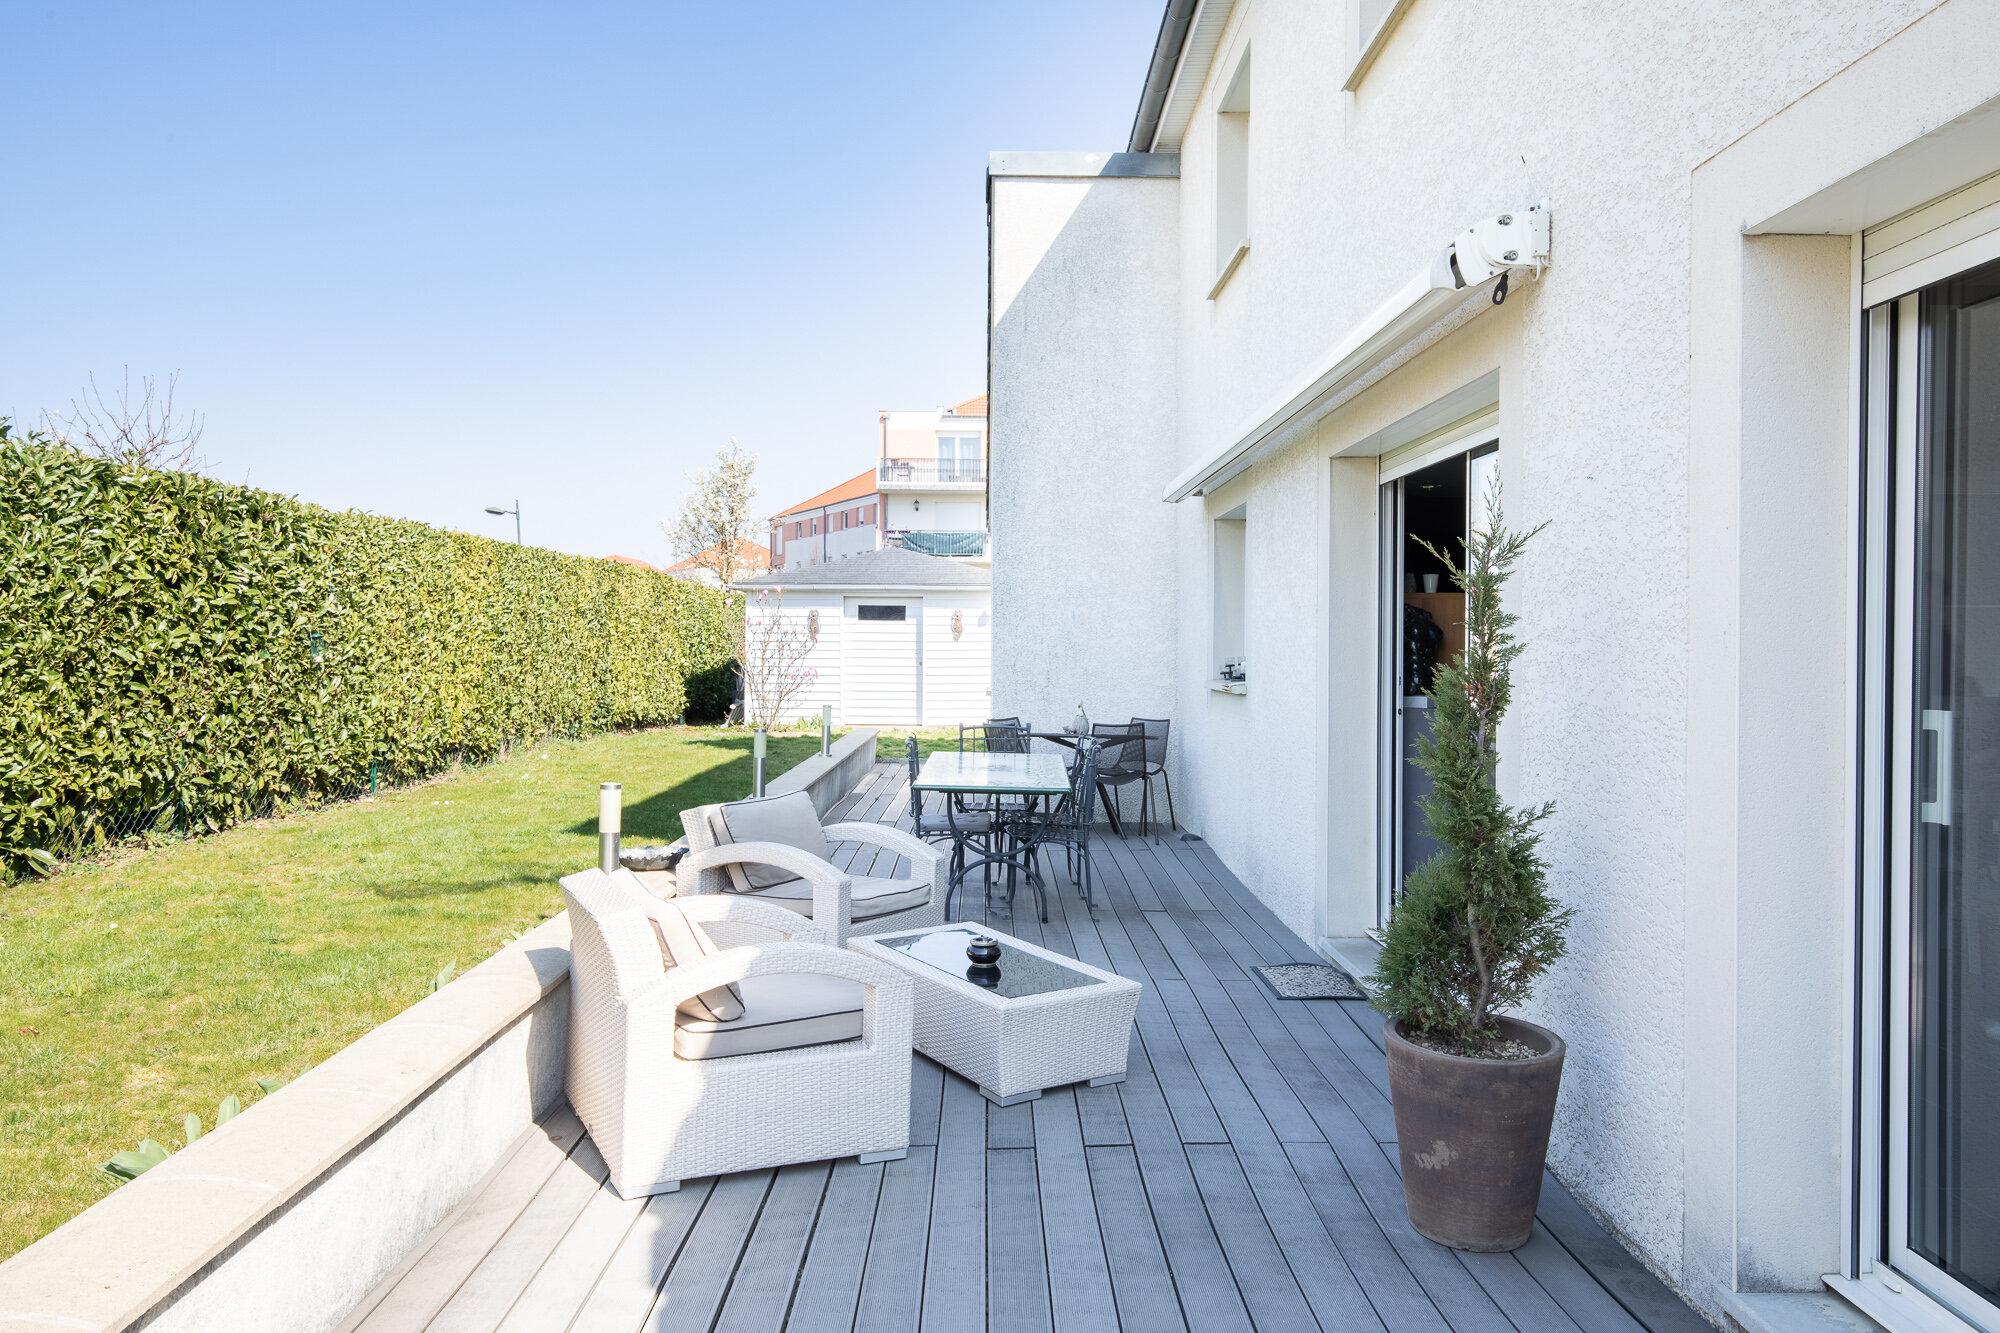 Maison  Chevigny-St-Sauveur Maison 145 m² - 4 chambres - 389 000 €